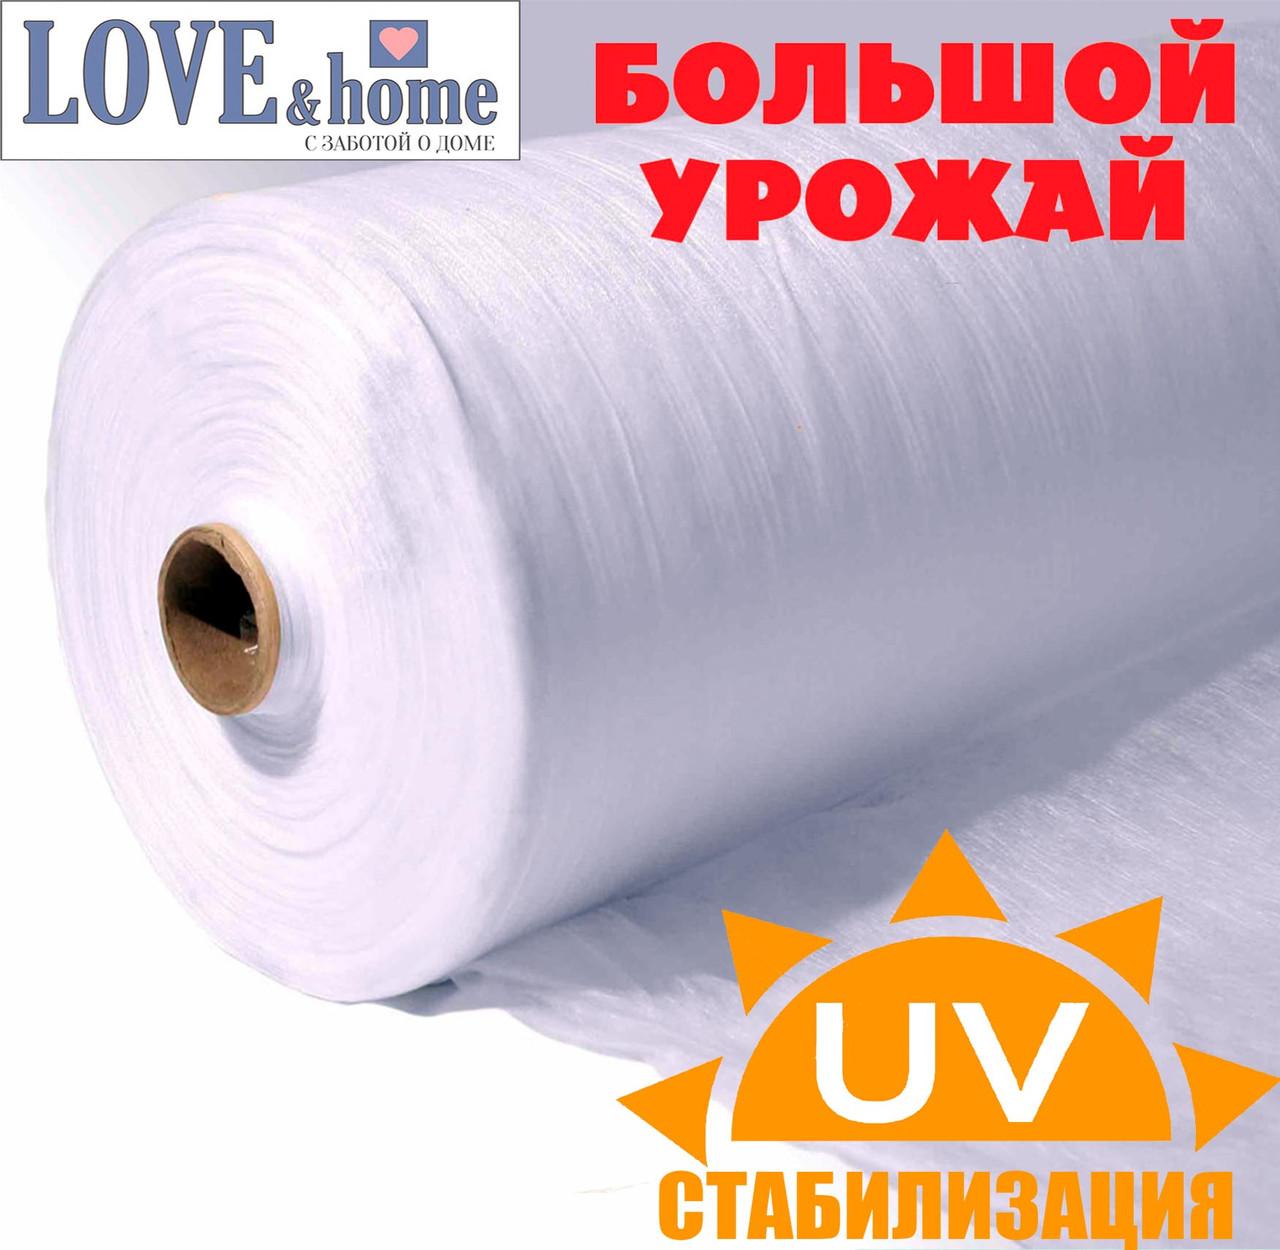 Агроволокно белое, плотность 50г/м². ширина 1.6 м. длинна 50м.